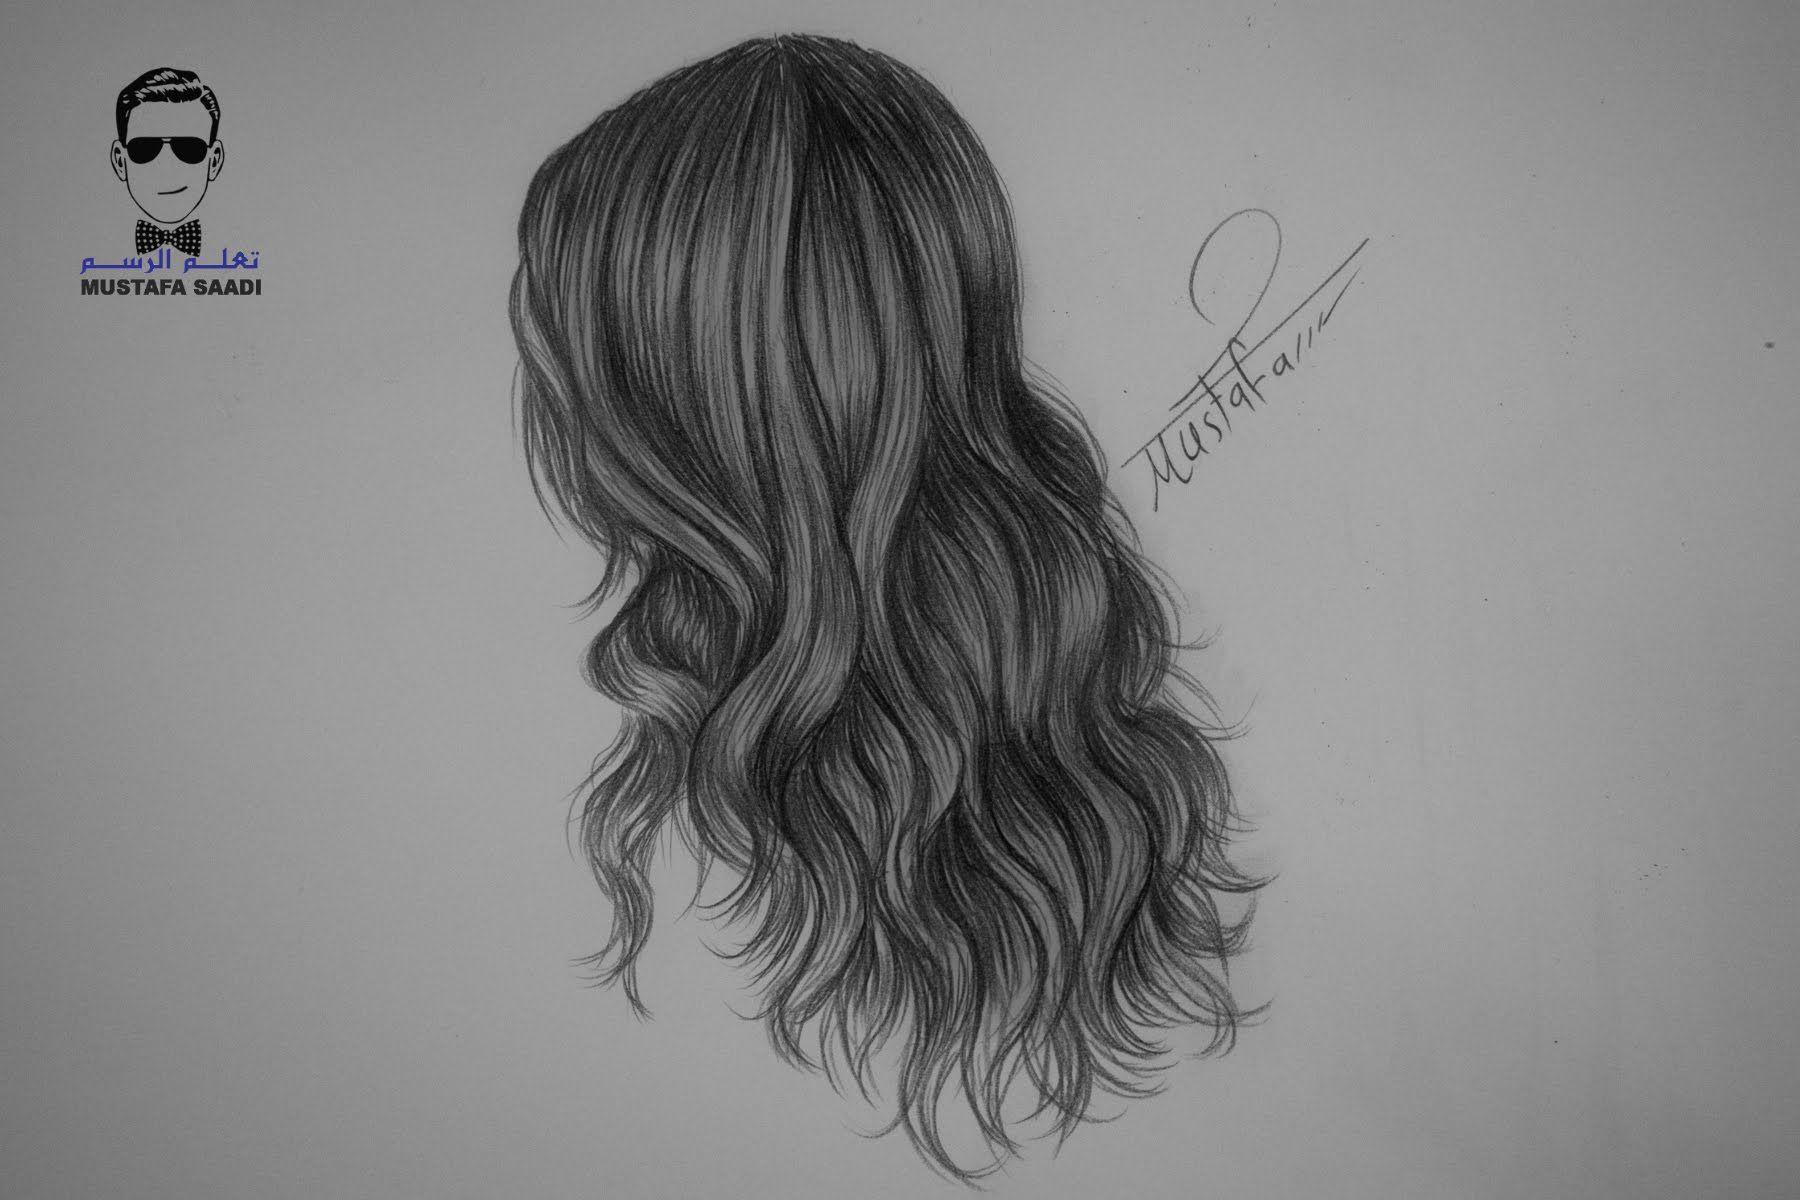 2d1dddadd  تعلم رسم الشعر الكيرلي الشعر المجعد بالرصاص مع الخطوات للمبتدئين - YouTube